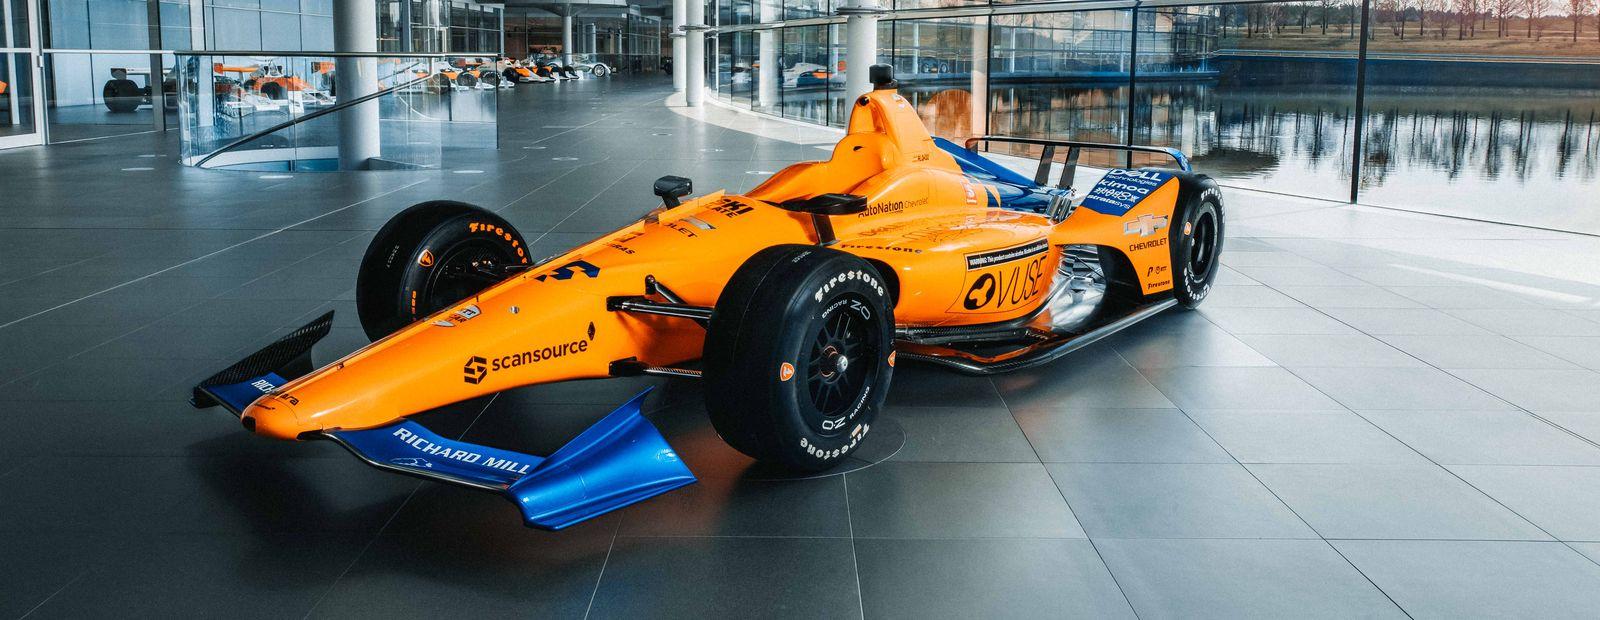 McLaren Racing desvela sus colores distintivos papa la Indy 500